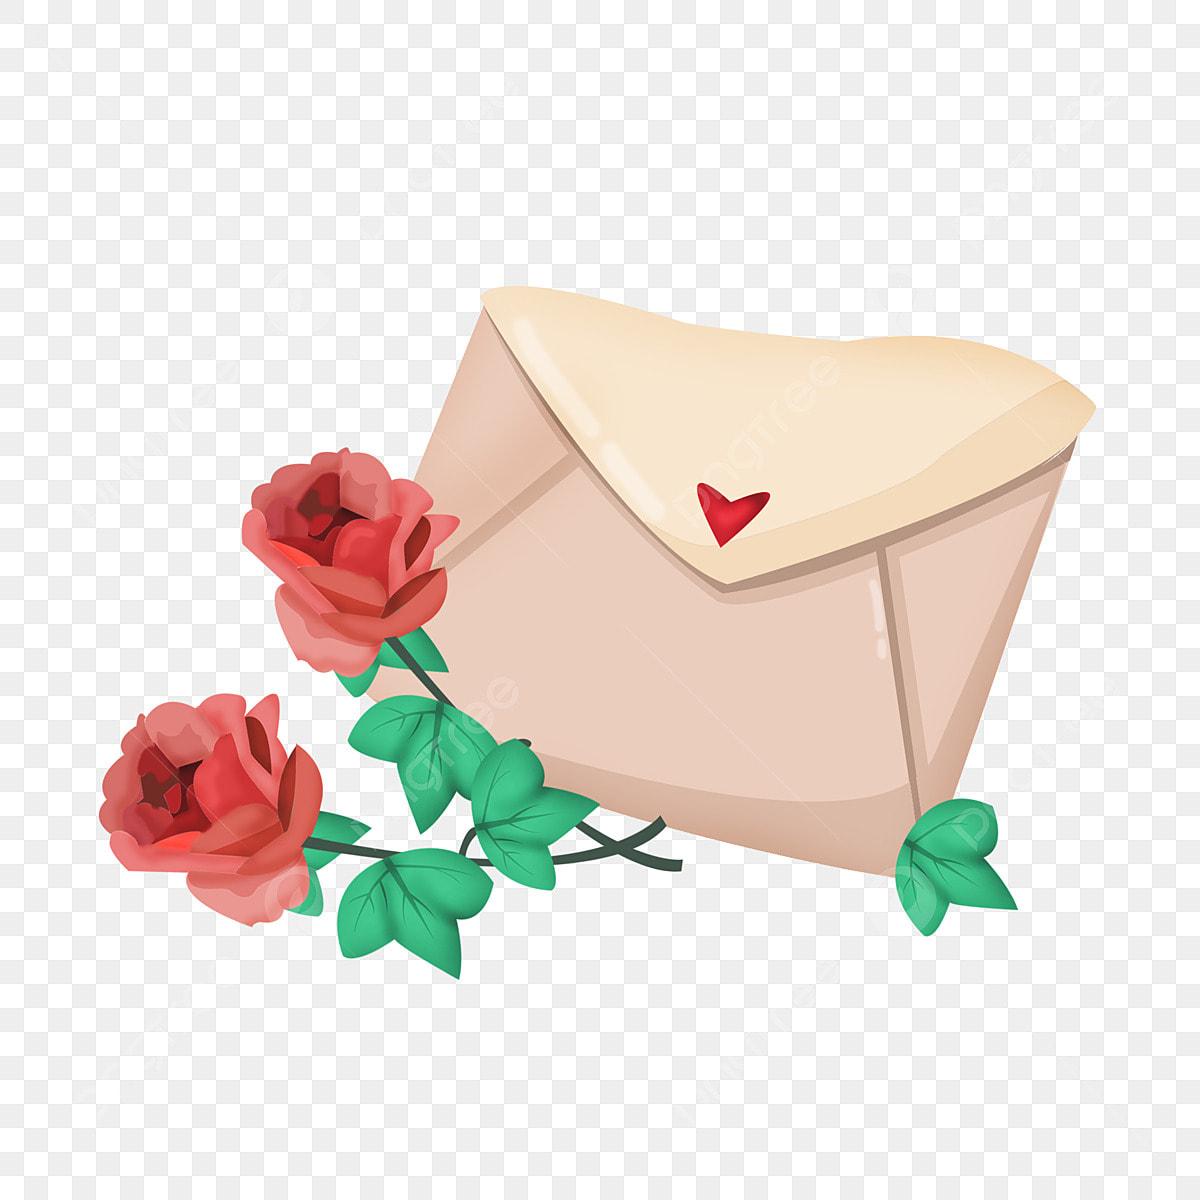 Contoh Sampul Surat Sampul Dilipat Tangan Sampul Surat Cinta